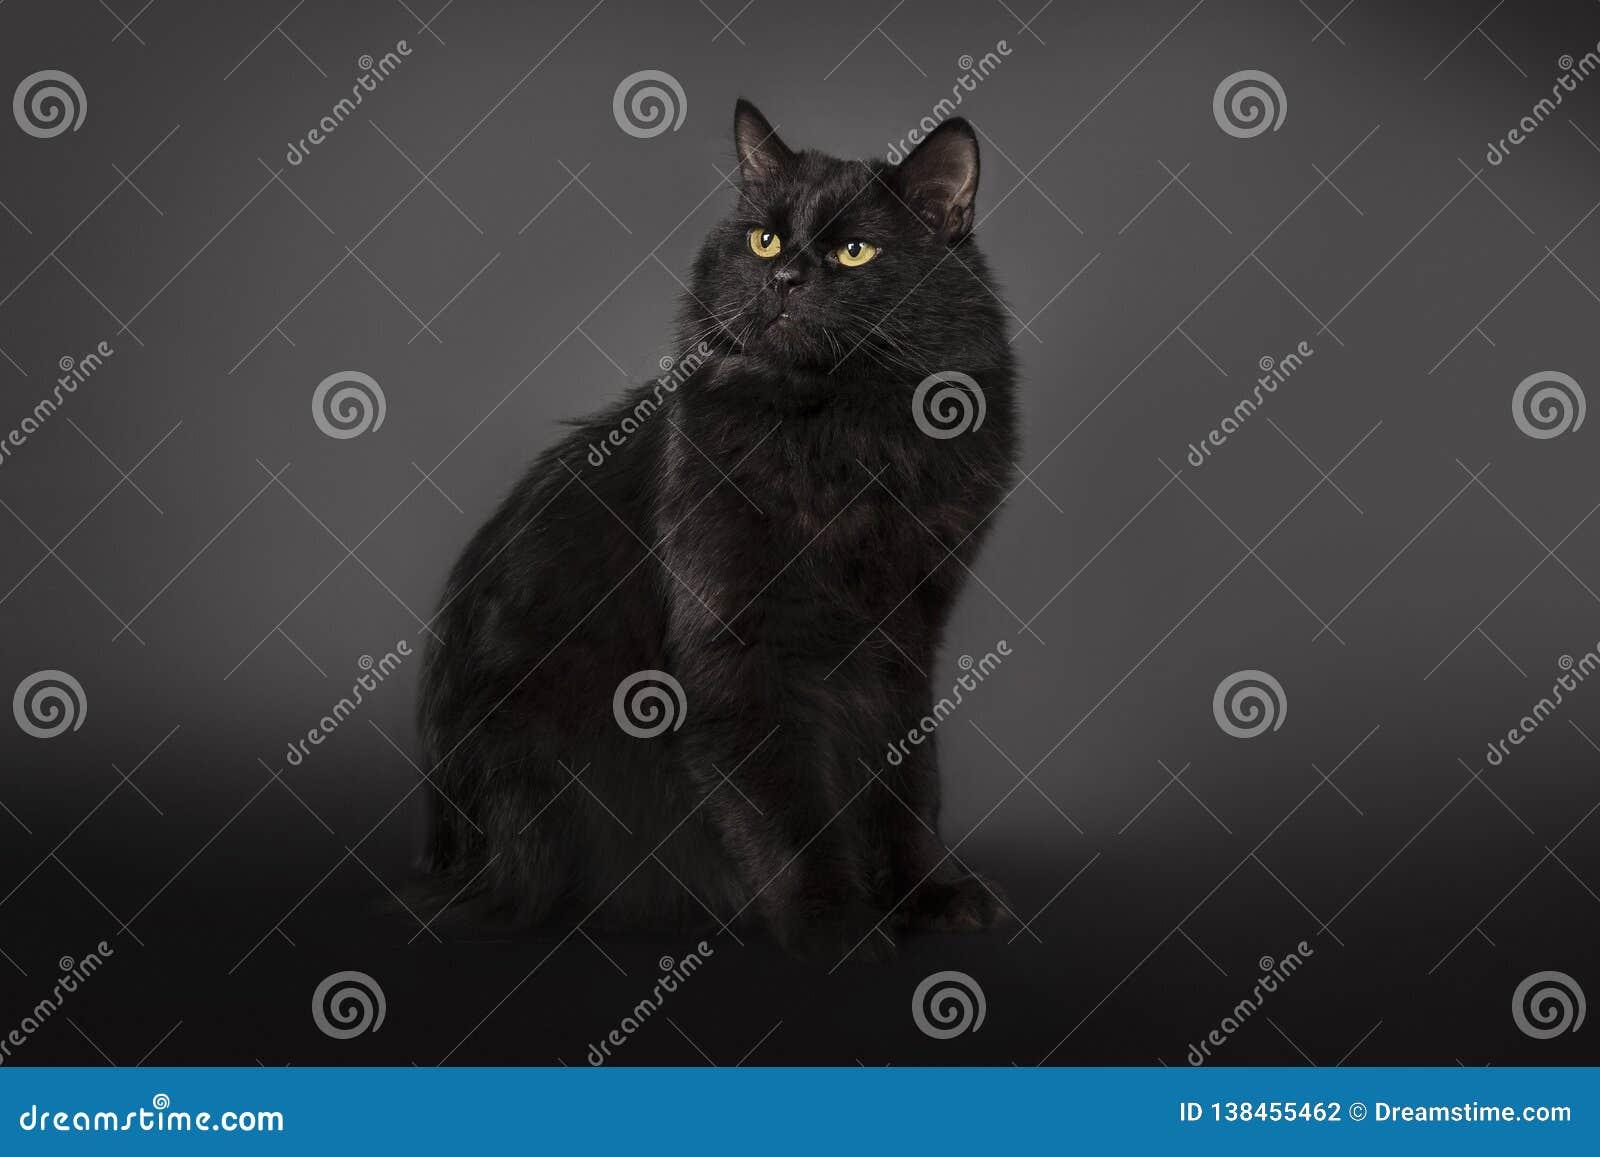 De zwarte kat is geïsoleerd een zwarte achtergrond